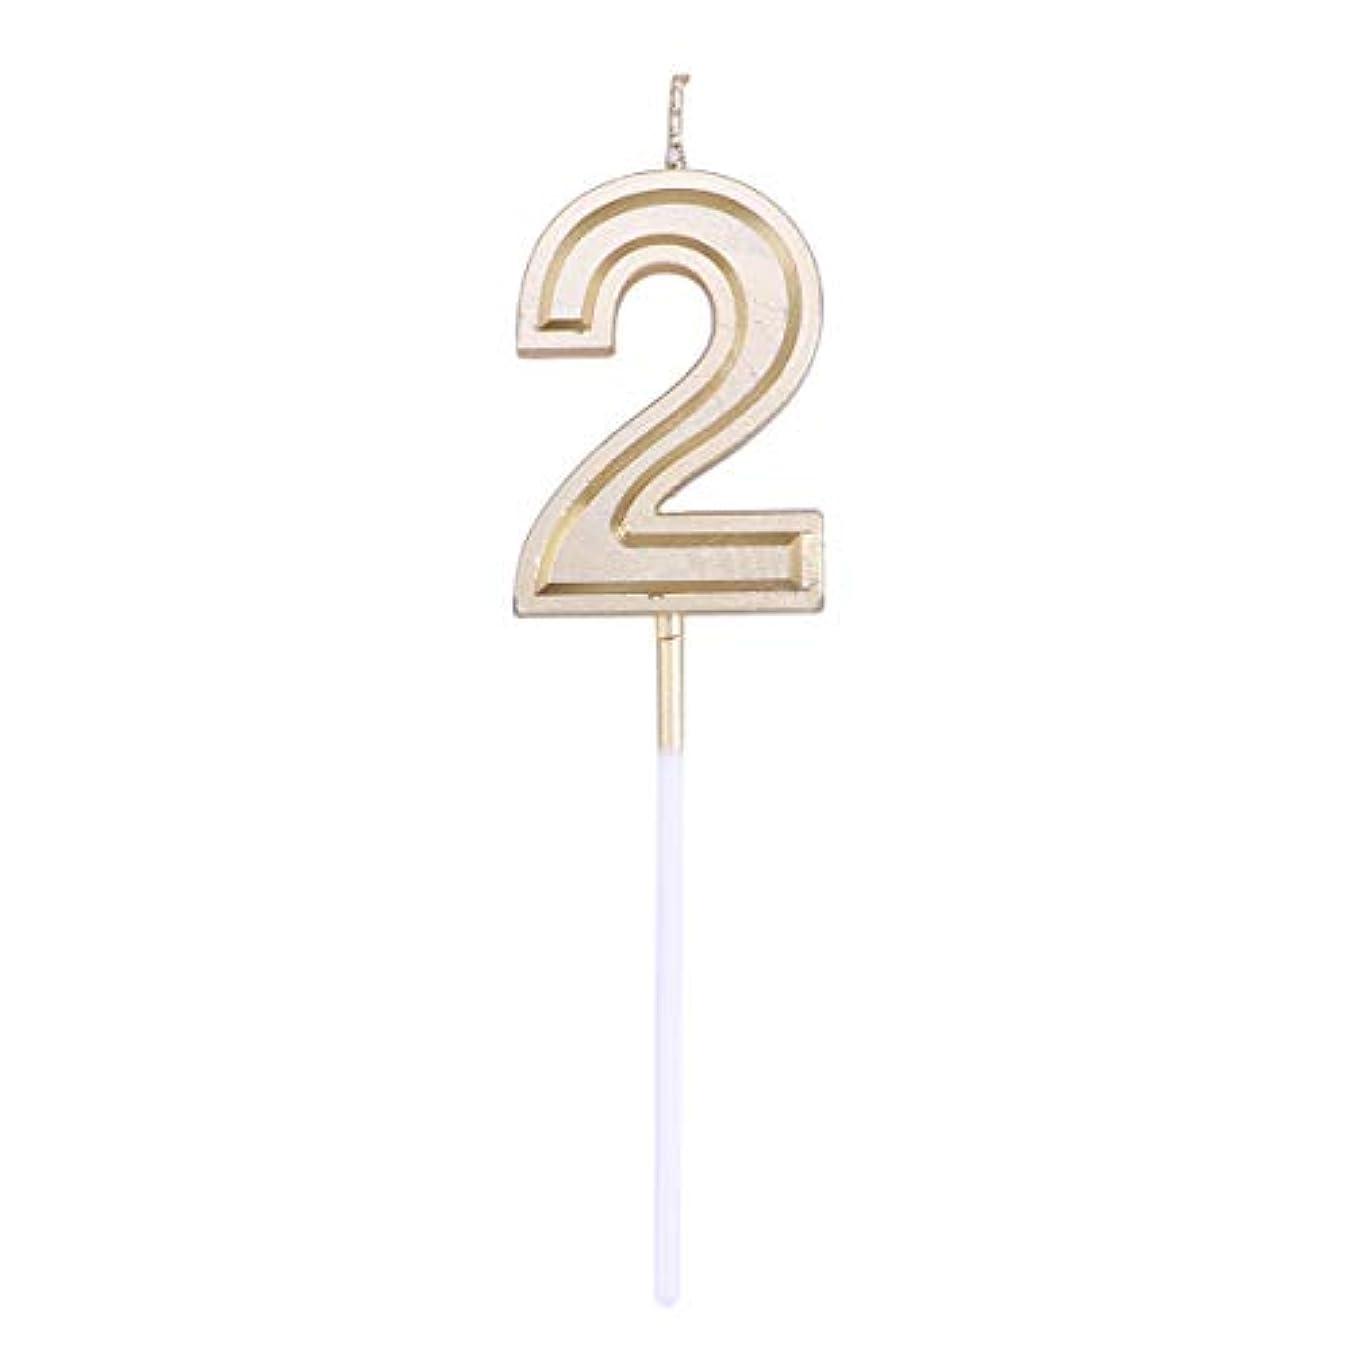 掃除ハイキングバドミントンToyvian ゴールドラメ誕生日おめでとう数字キャンドル番号キャンドルケーキトッパー装飾用大人キッズパーティー(ナンバー2)